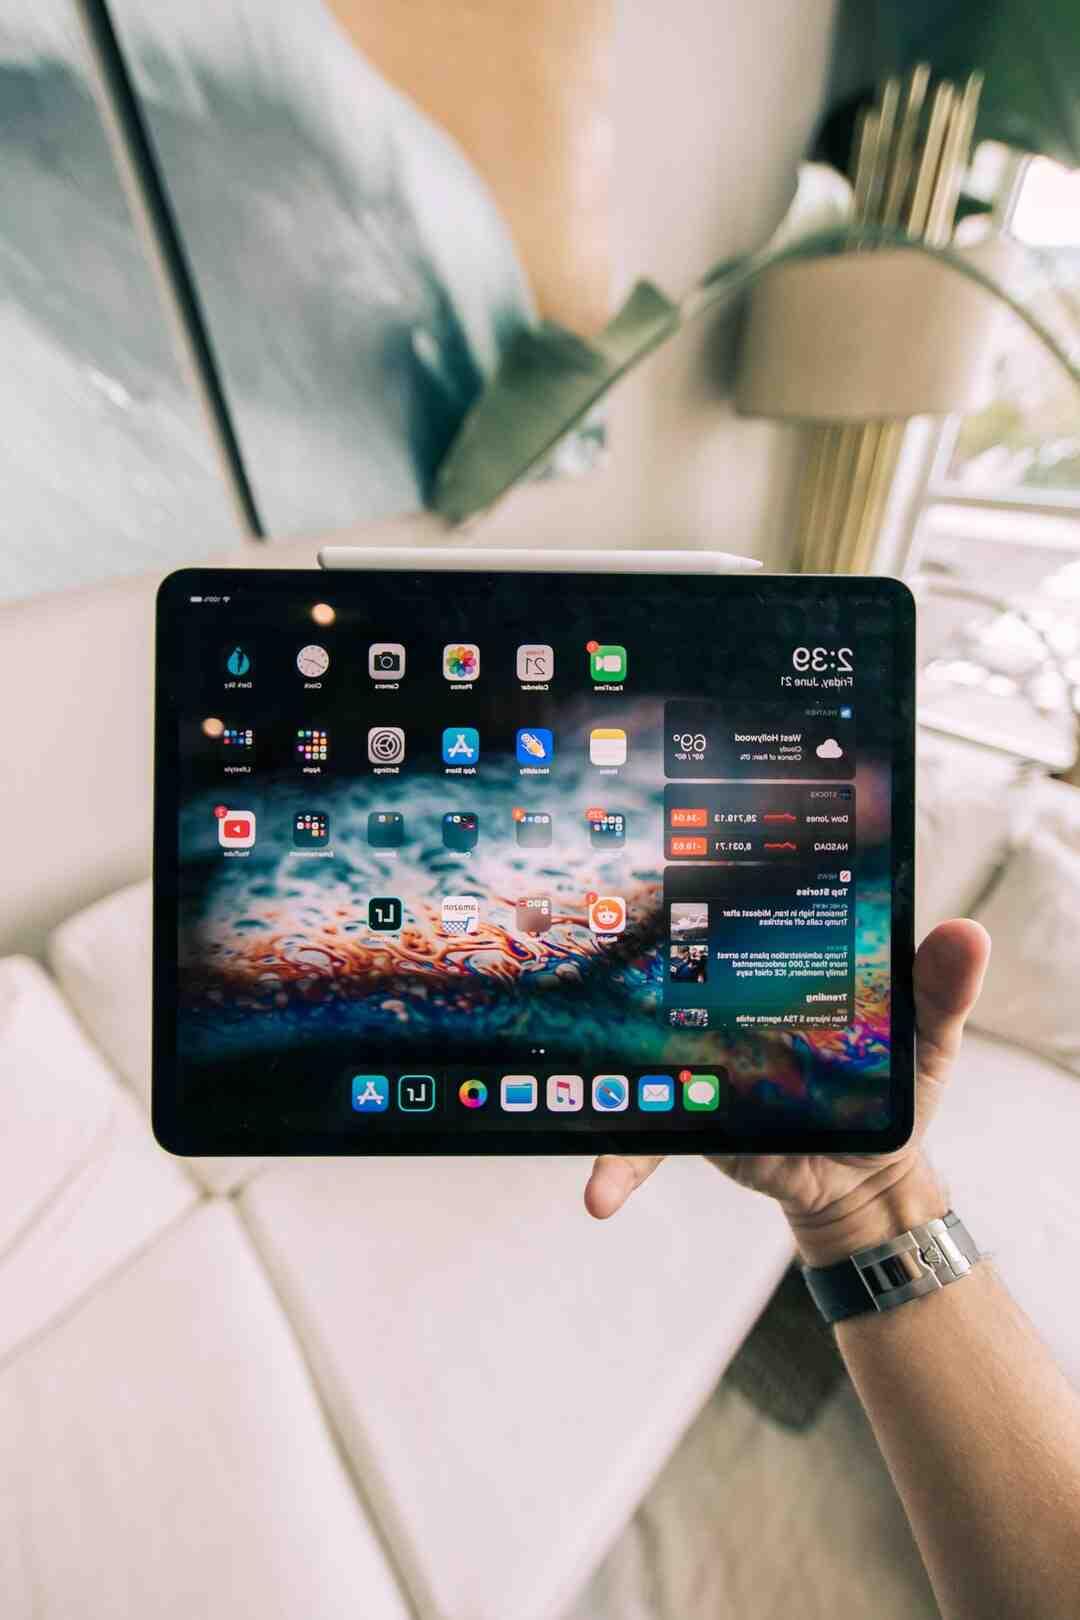 Quelle capacité de stockage choisir iPad ?